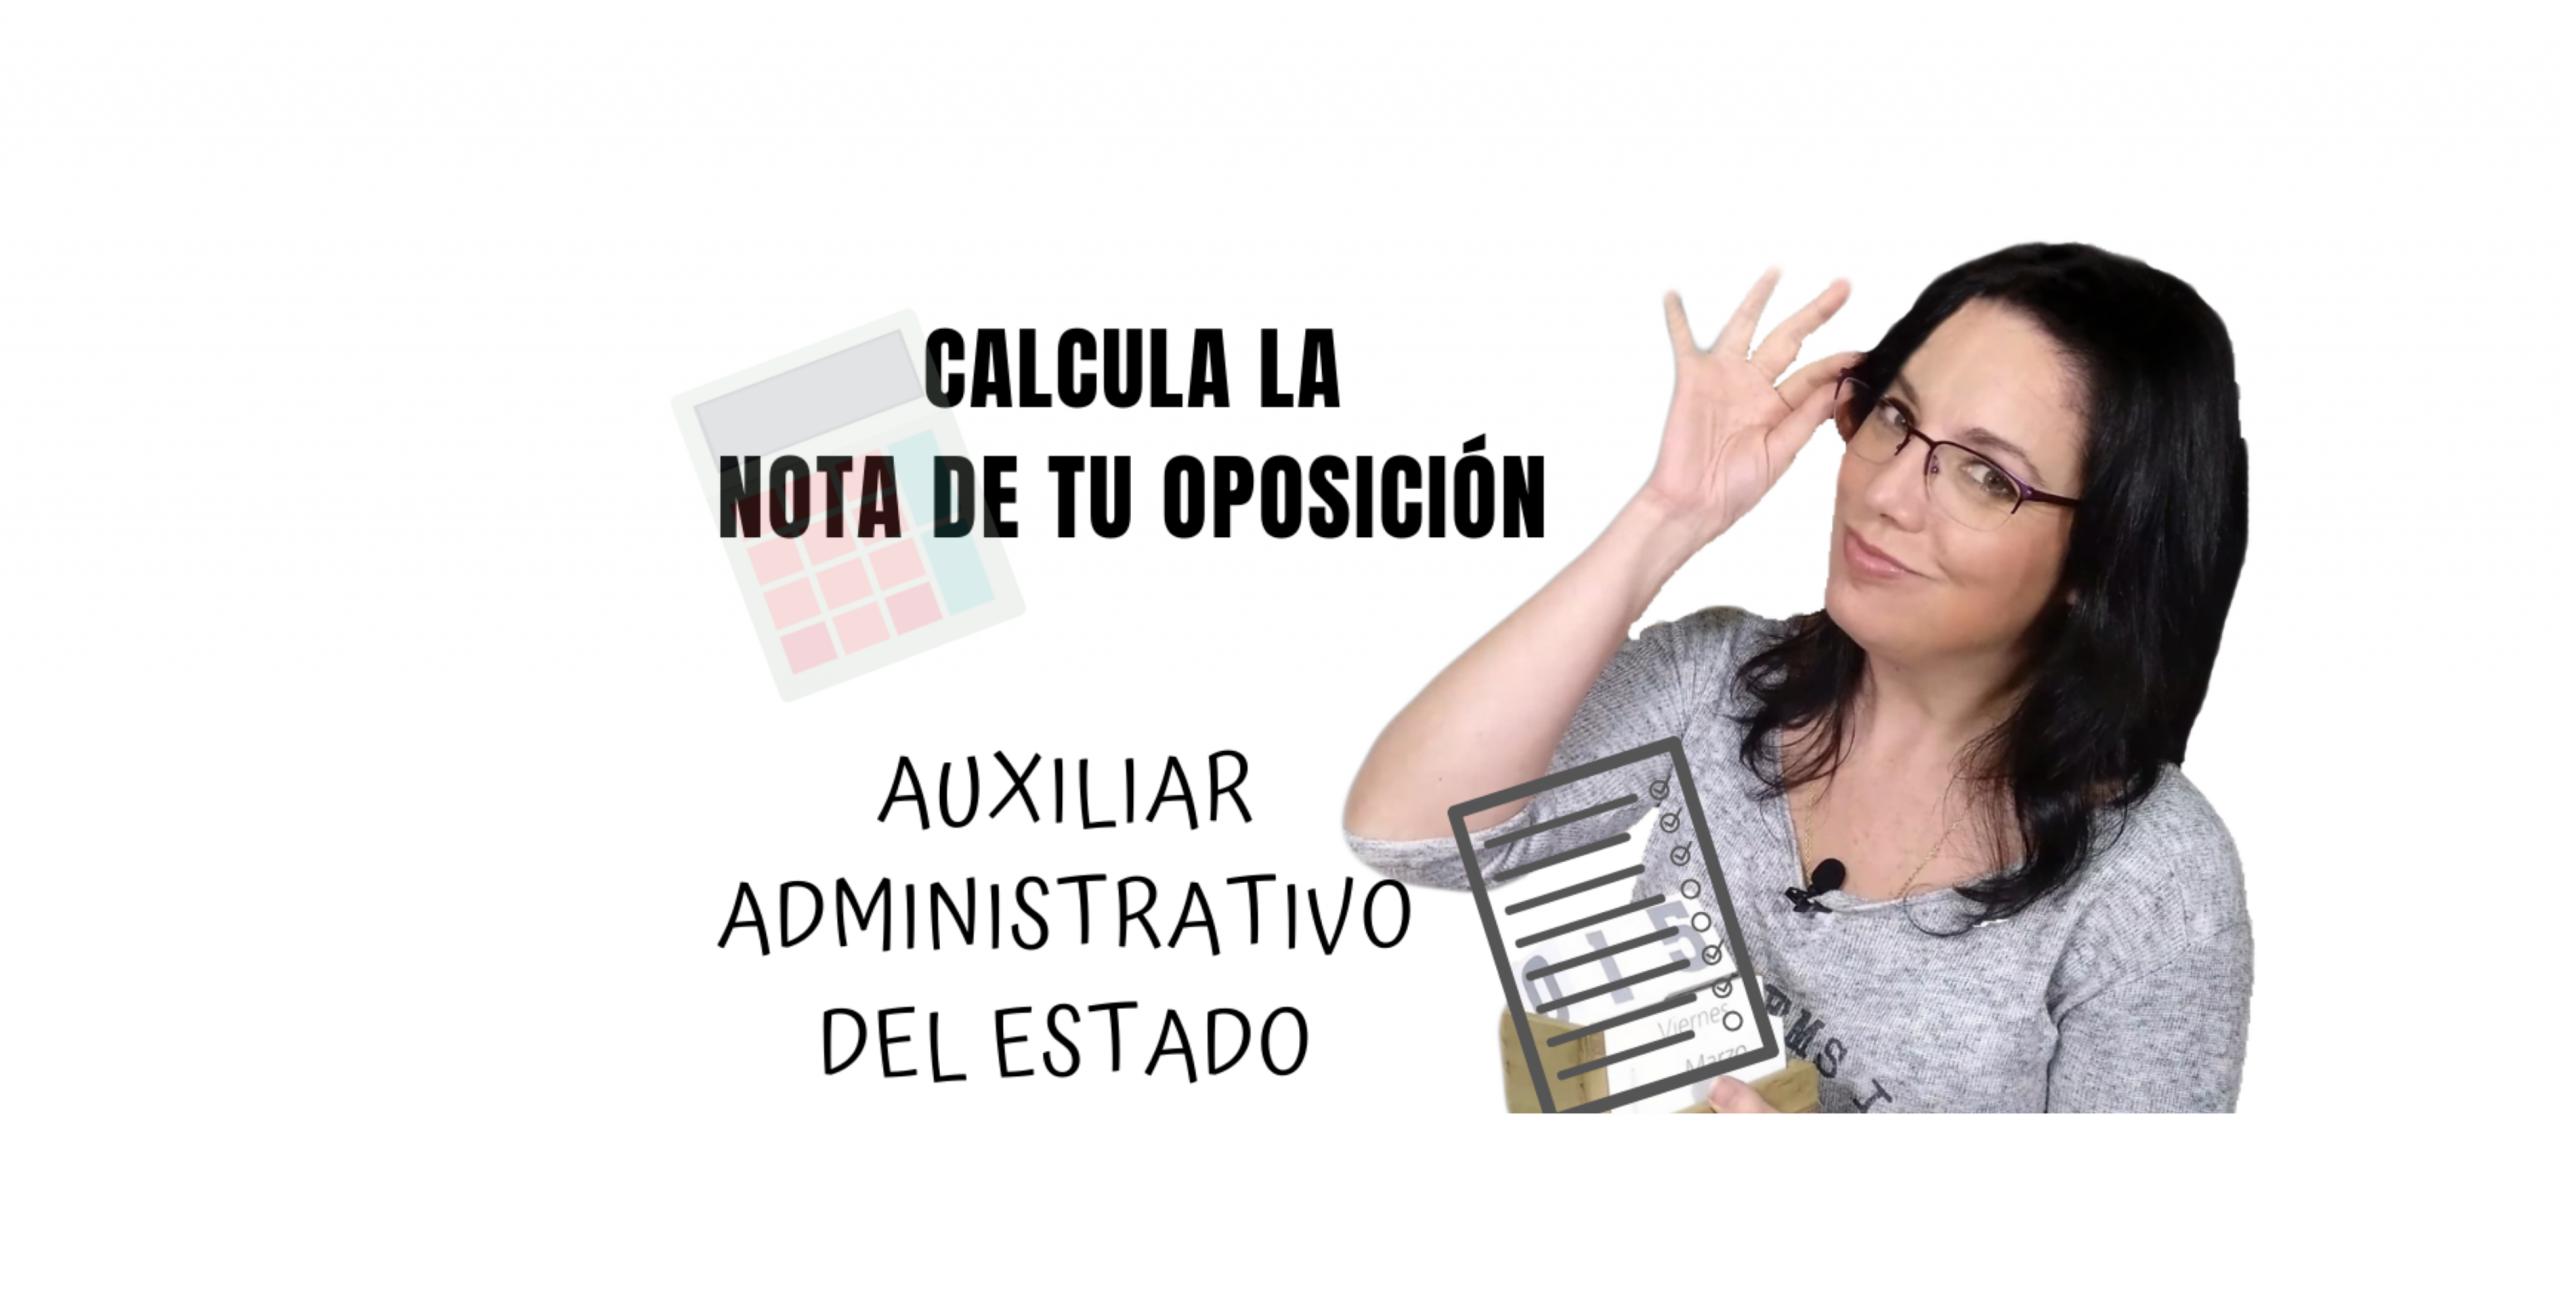 como calcular la nota de corte de auxiliar administrativo del estado